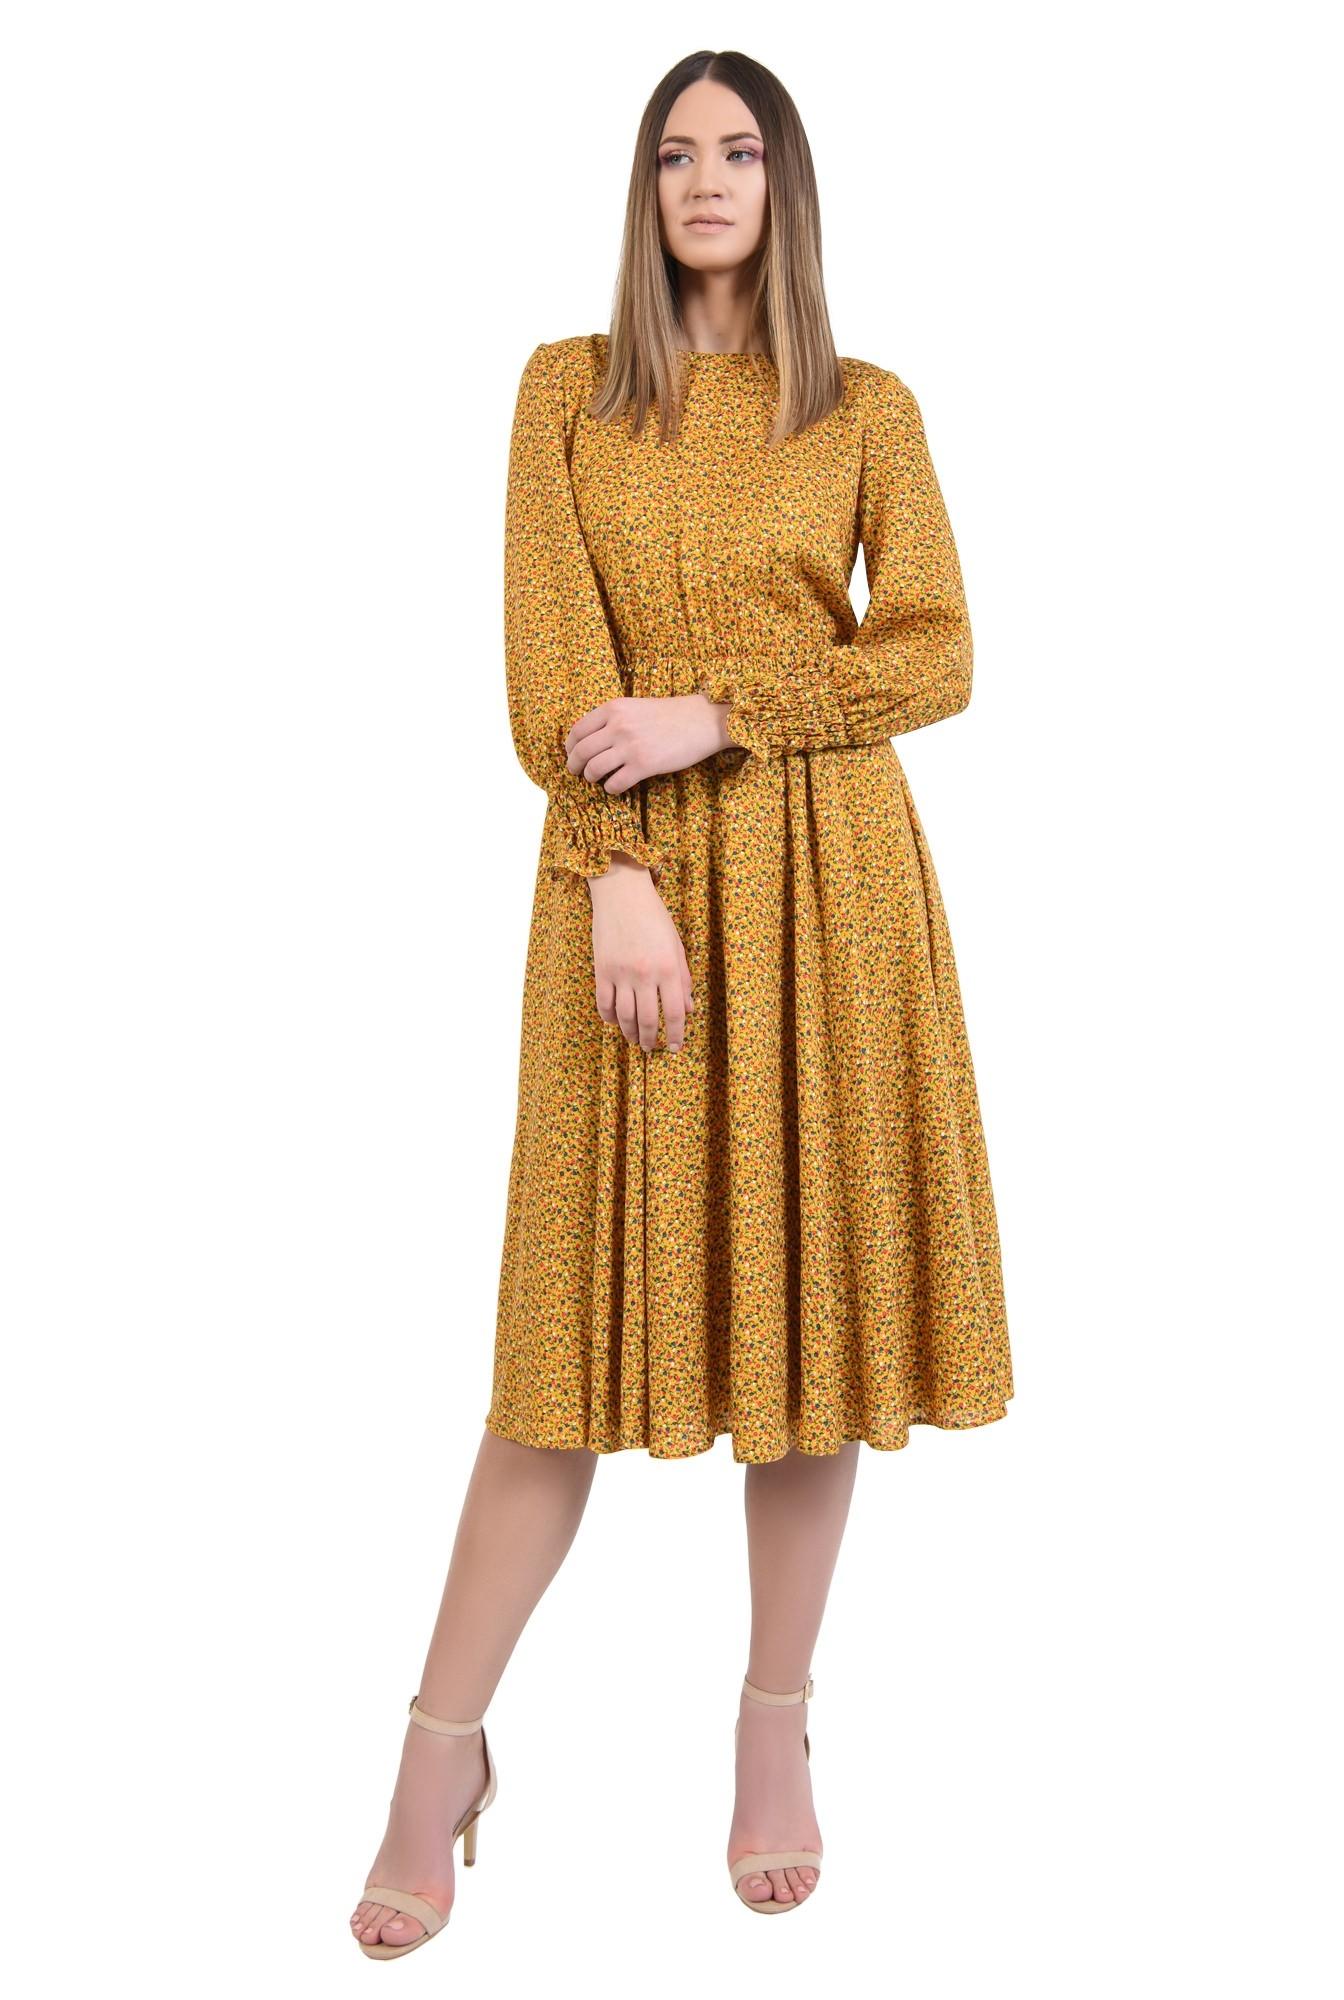 rochie midi, din viscoza, cu imprimeu, maneci lungi cu mansete, croi clos